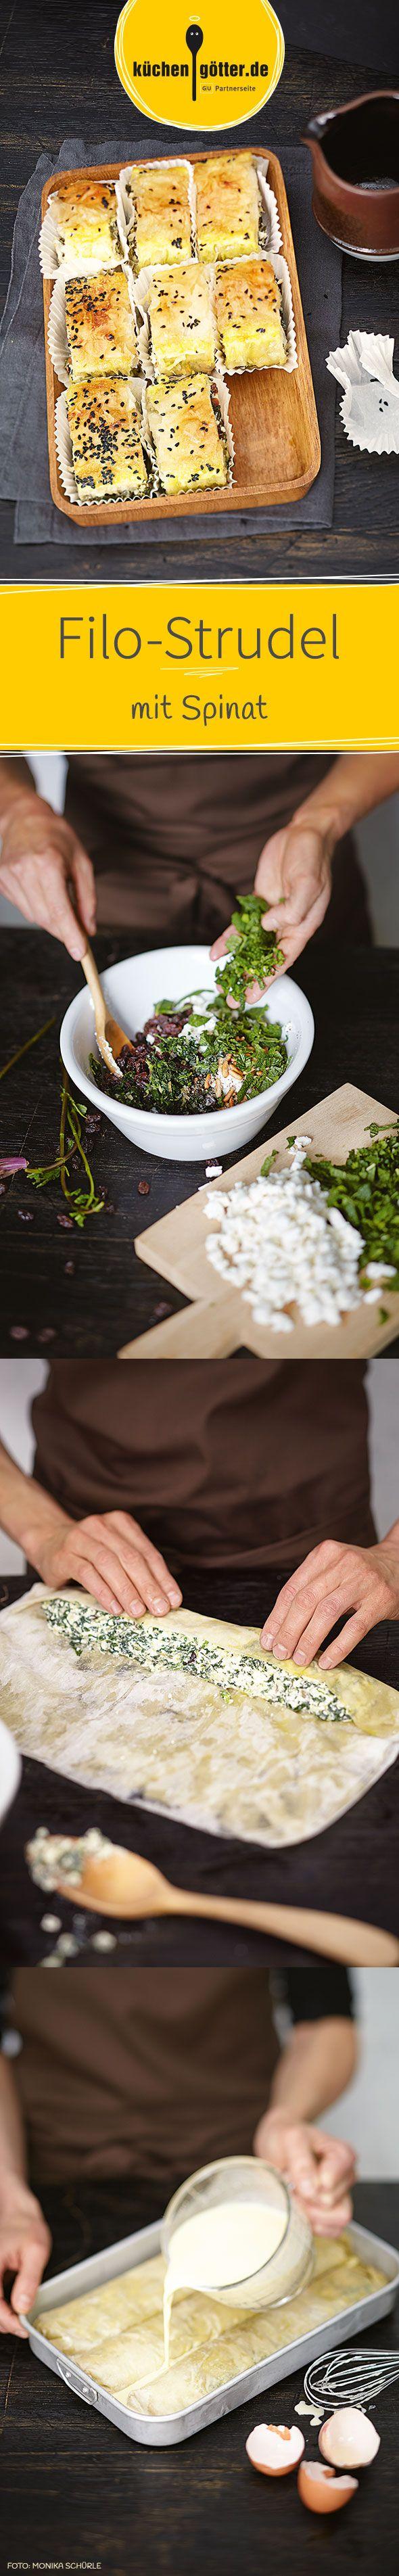 Die kleinen Strudel sind perfekt für ein Partybüfett. Siel lassen sich perfekt in Muffinsförmchen servieren. Die sind garantiert ganz schnell verputzt.